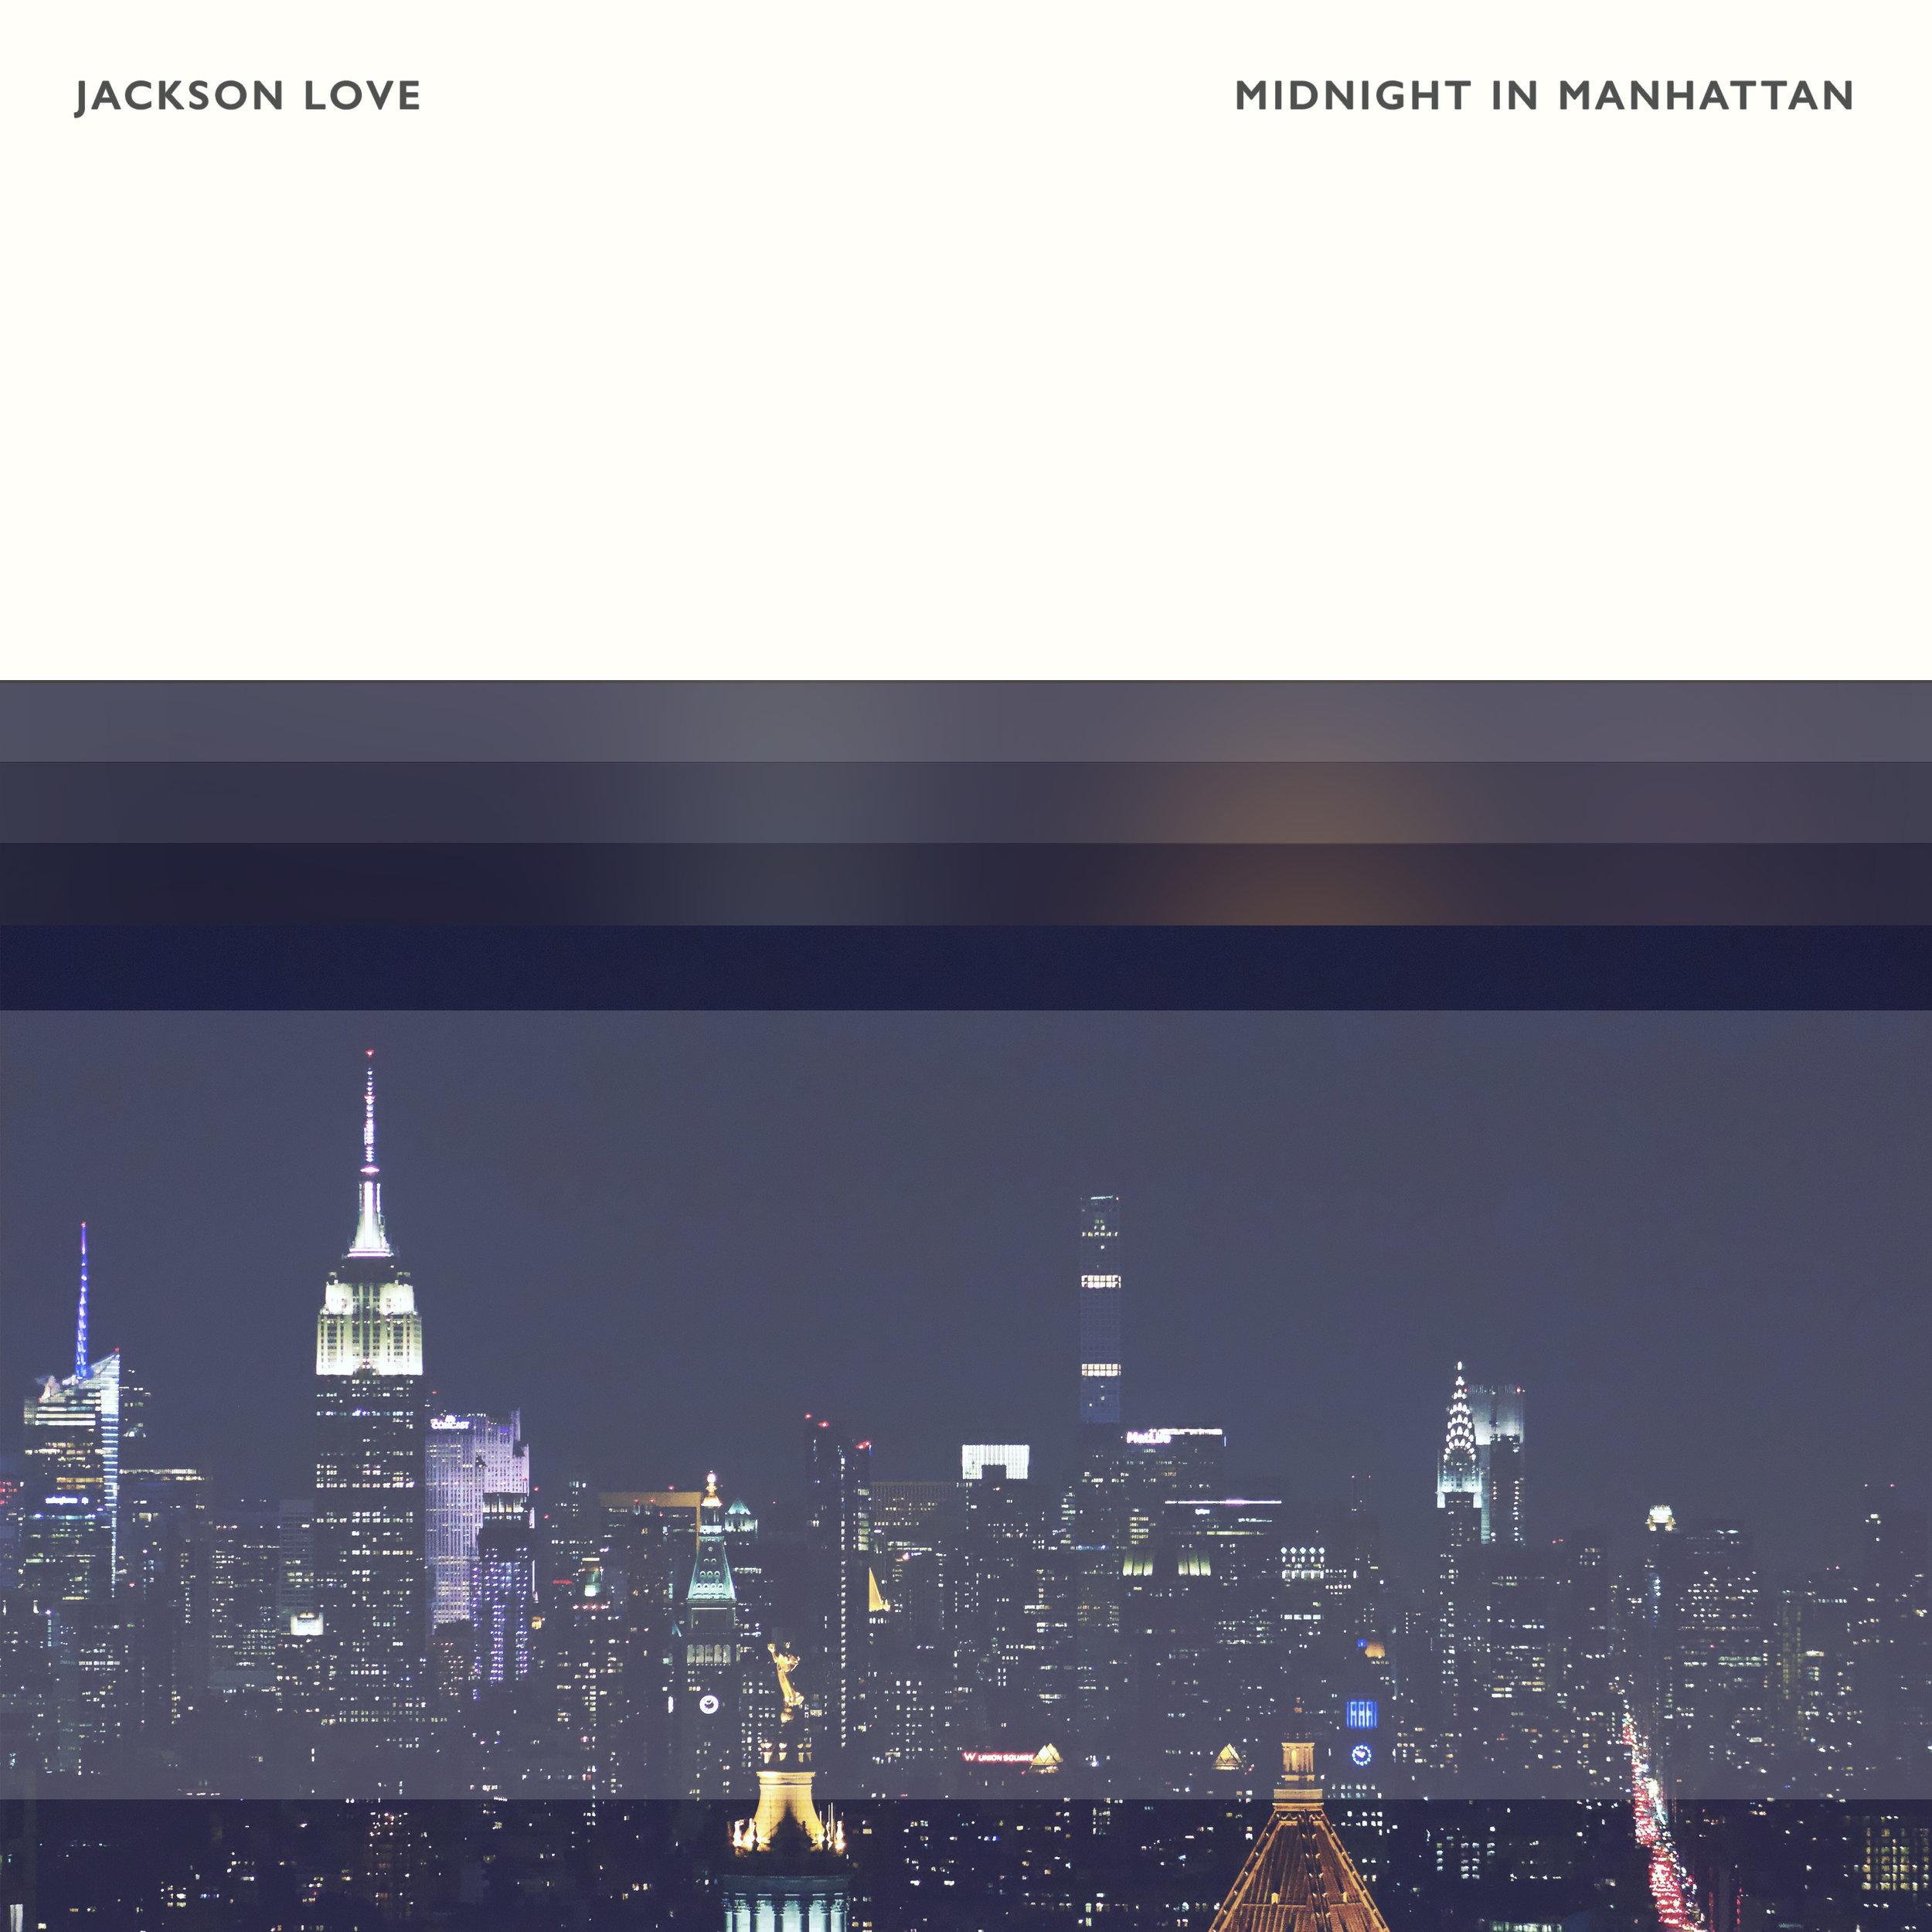 Jackson Love - Midnight In Manhattan